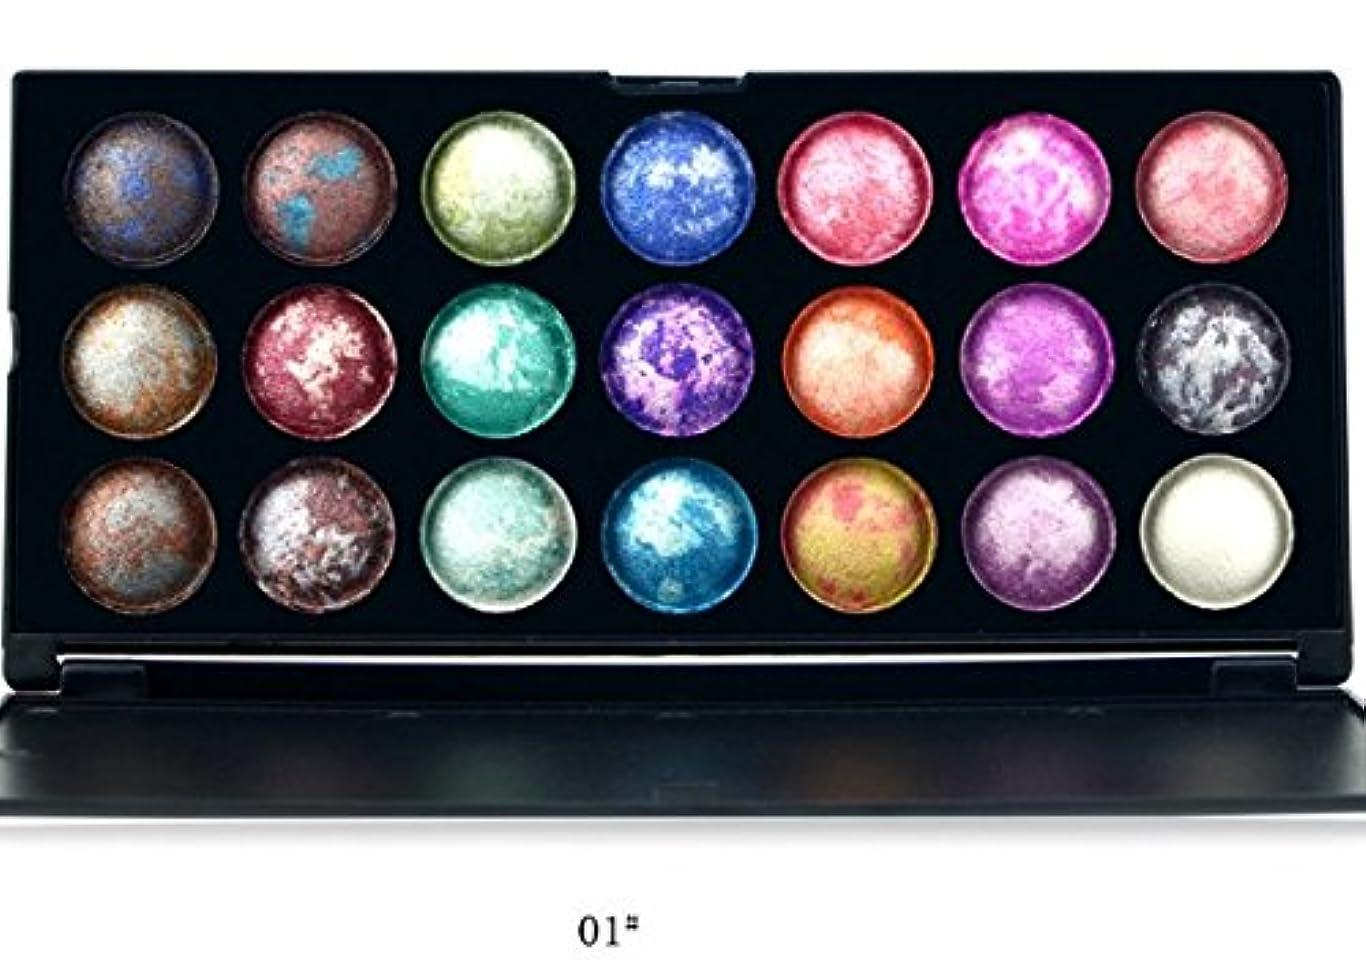 干渉する補正分MakeupAcc 焼きアイシャドウ 21色 カラフル 乾式と湿式 (01) [並行輸入品]